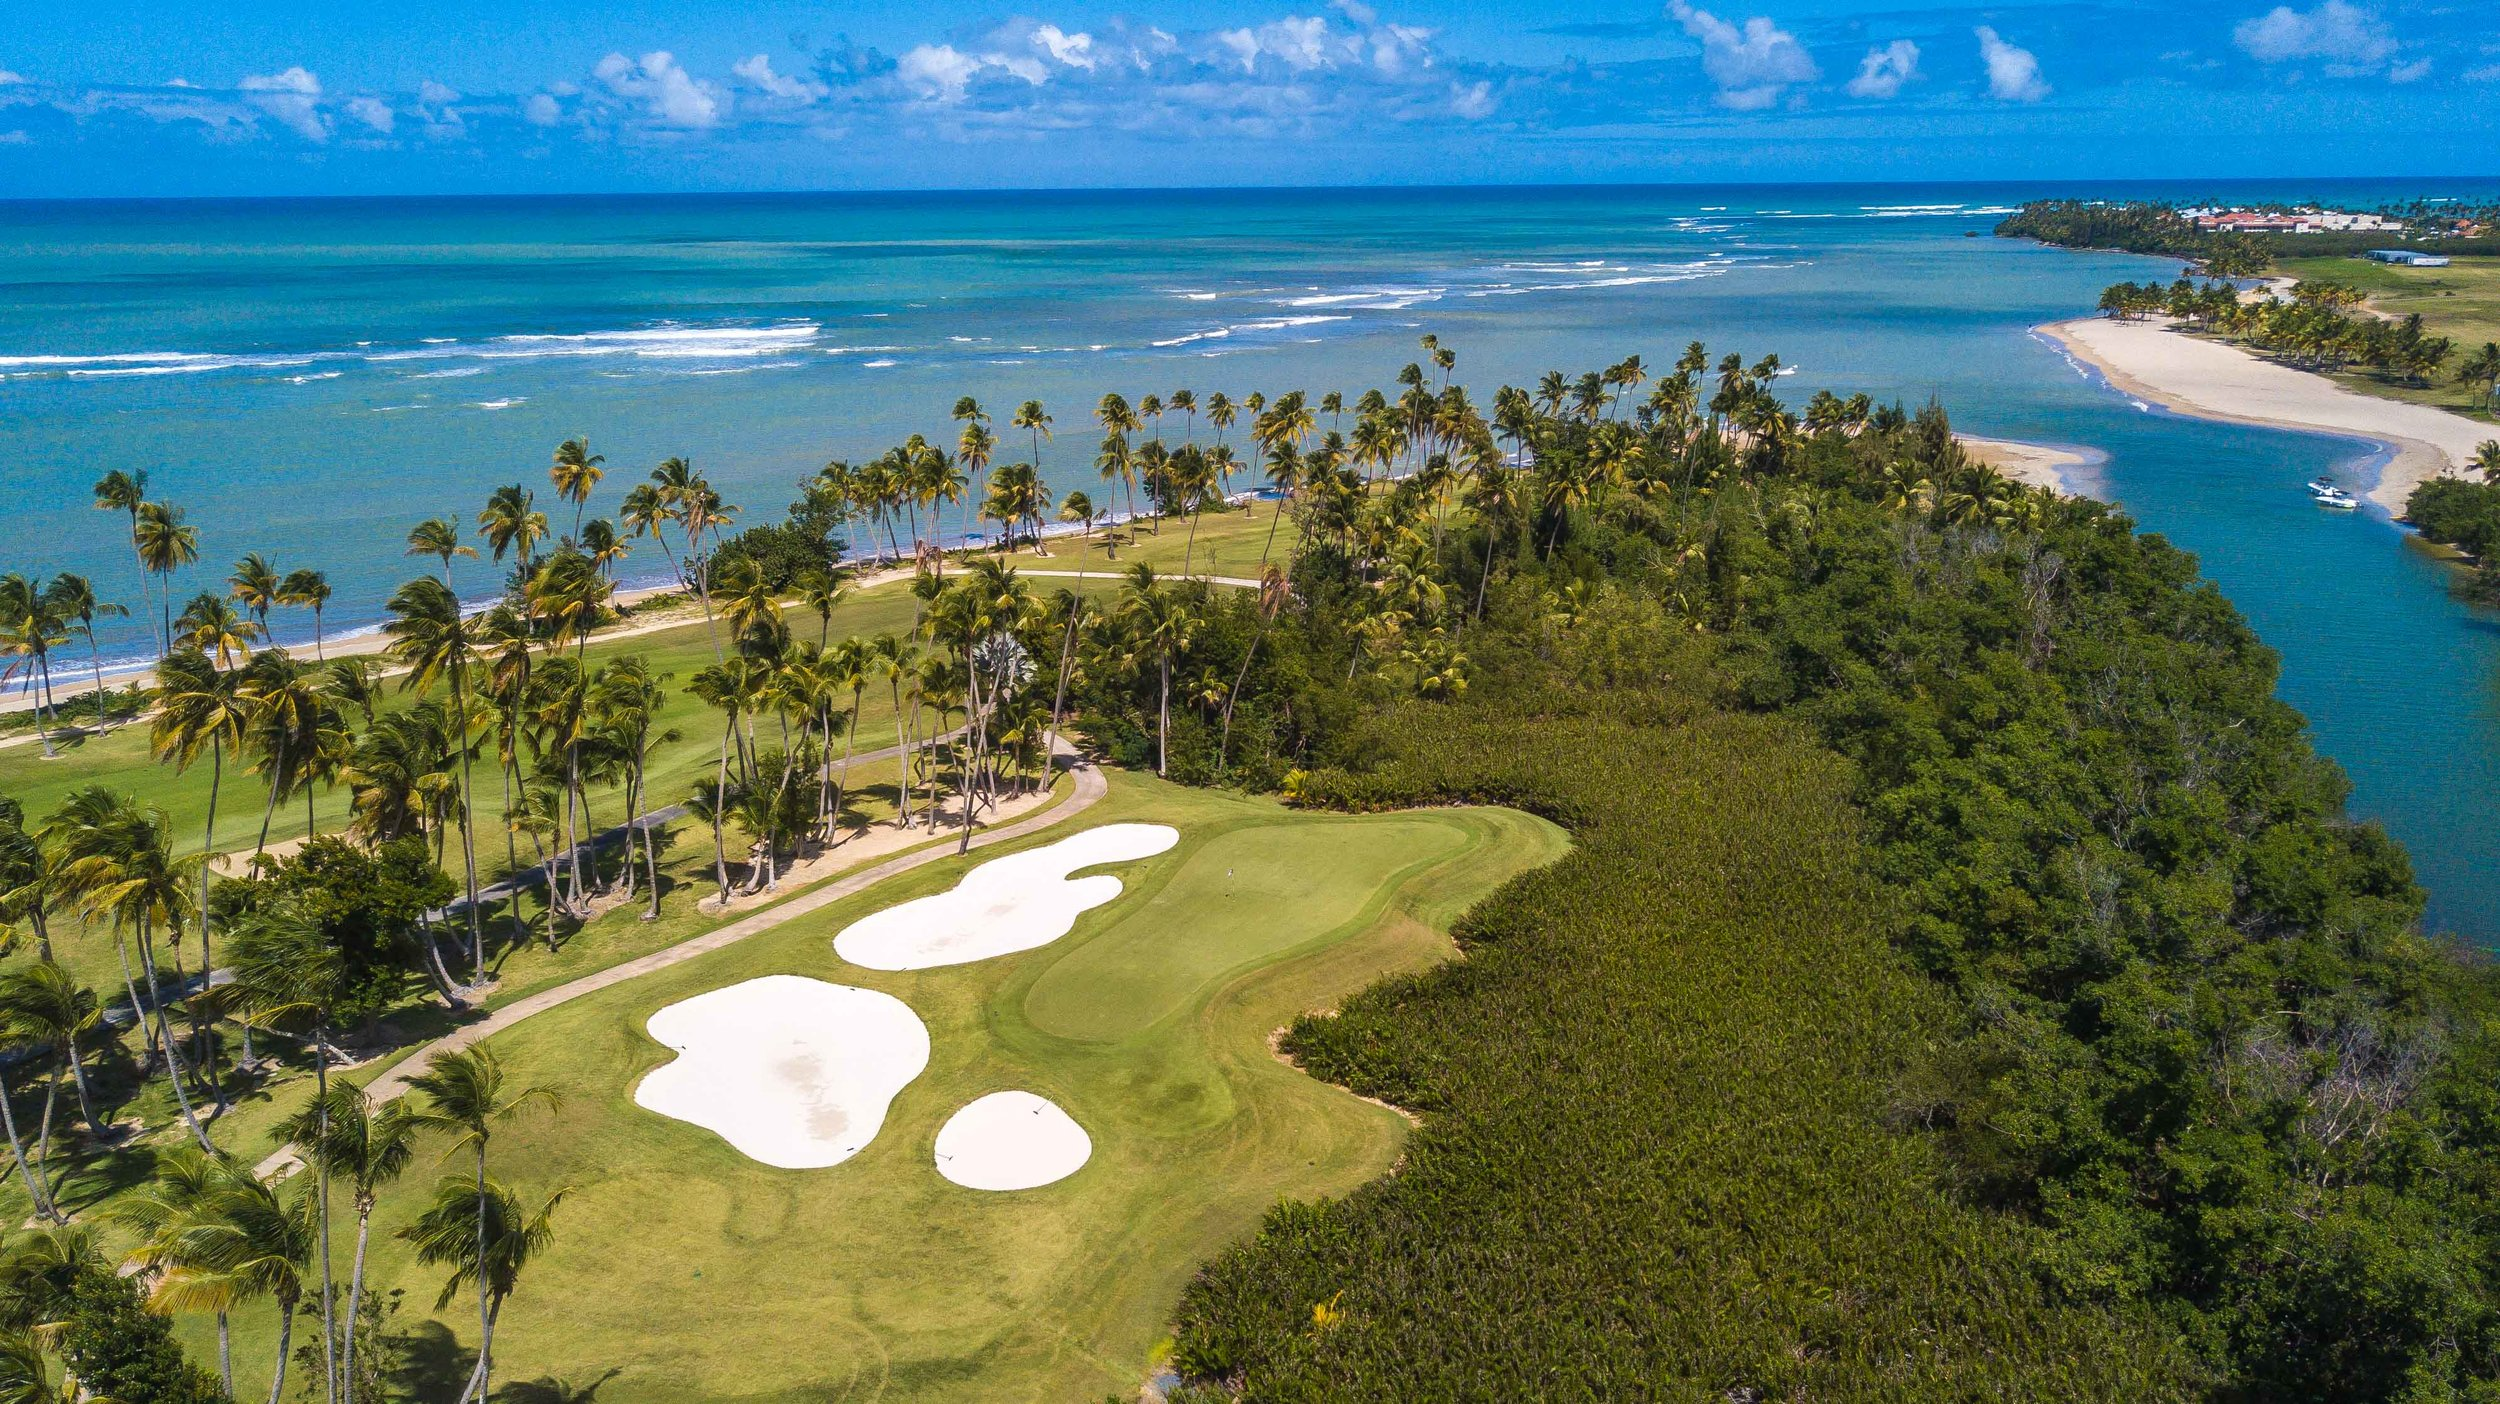 The pivotal 15th hole at Bahia Beach.